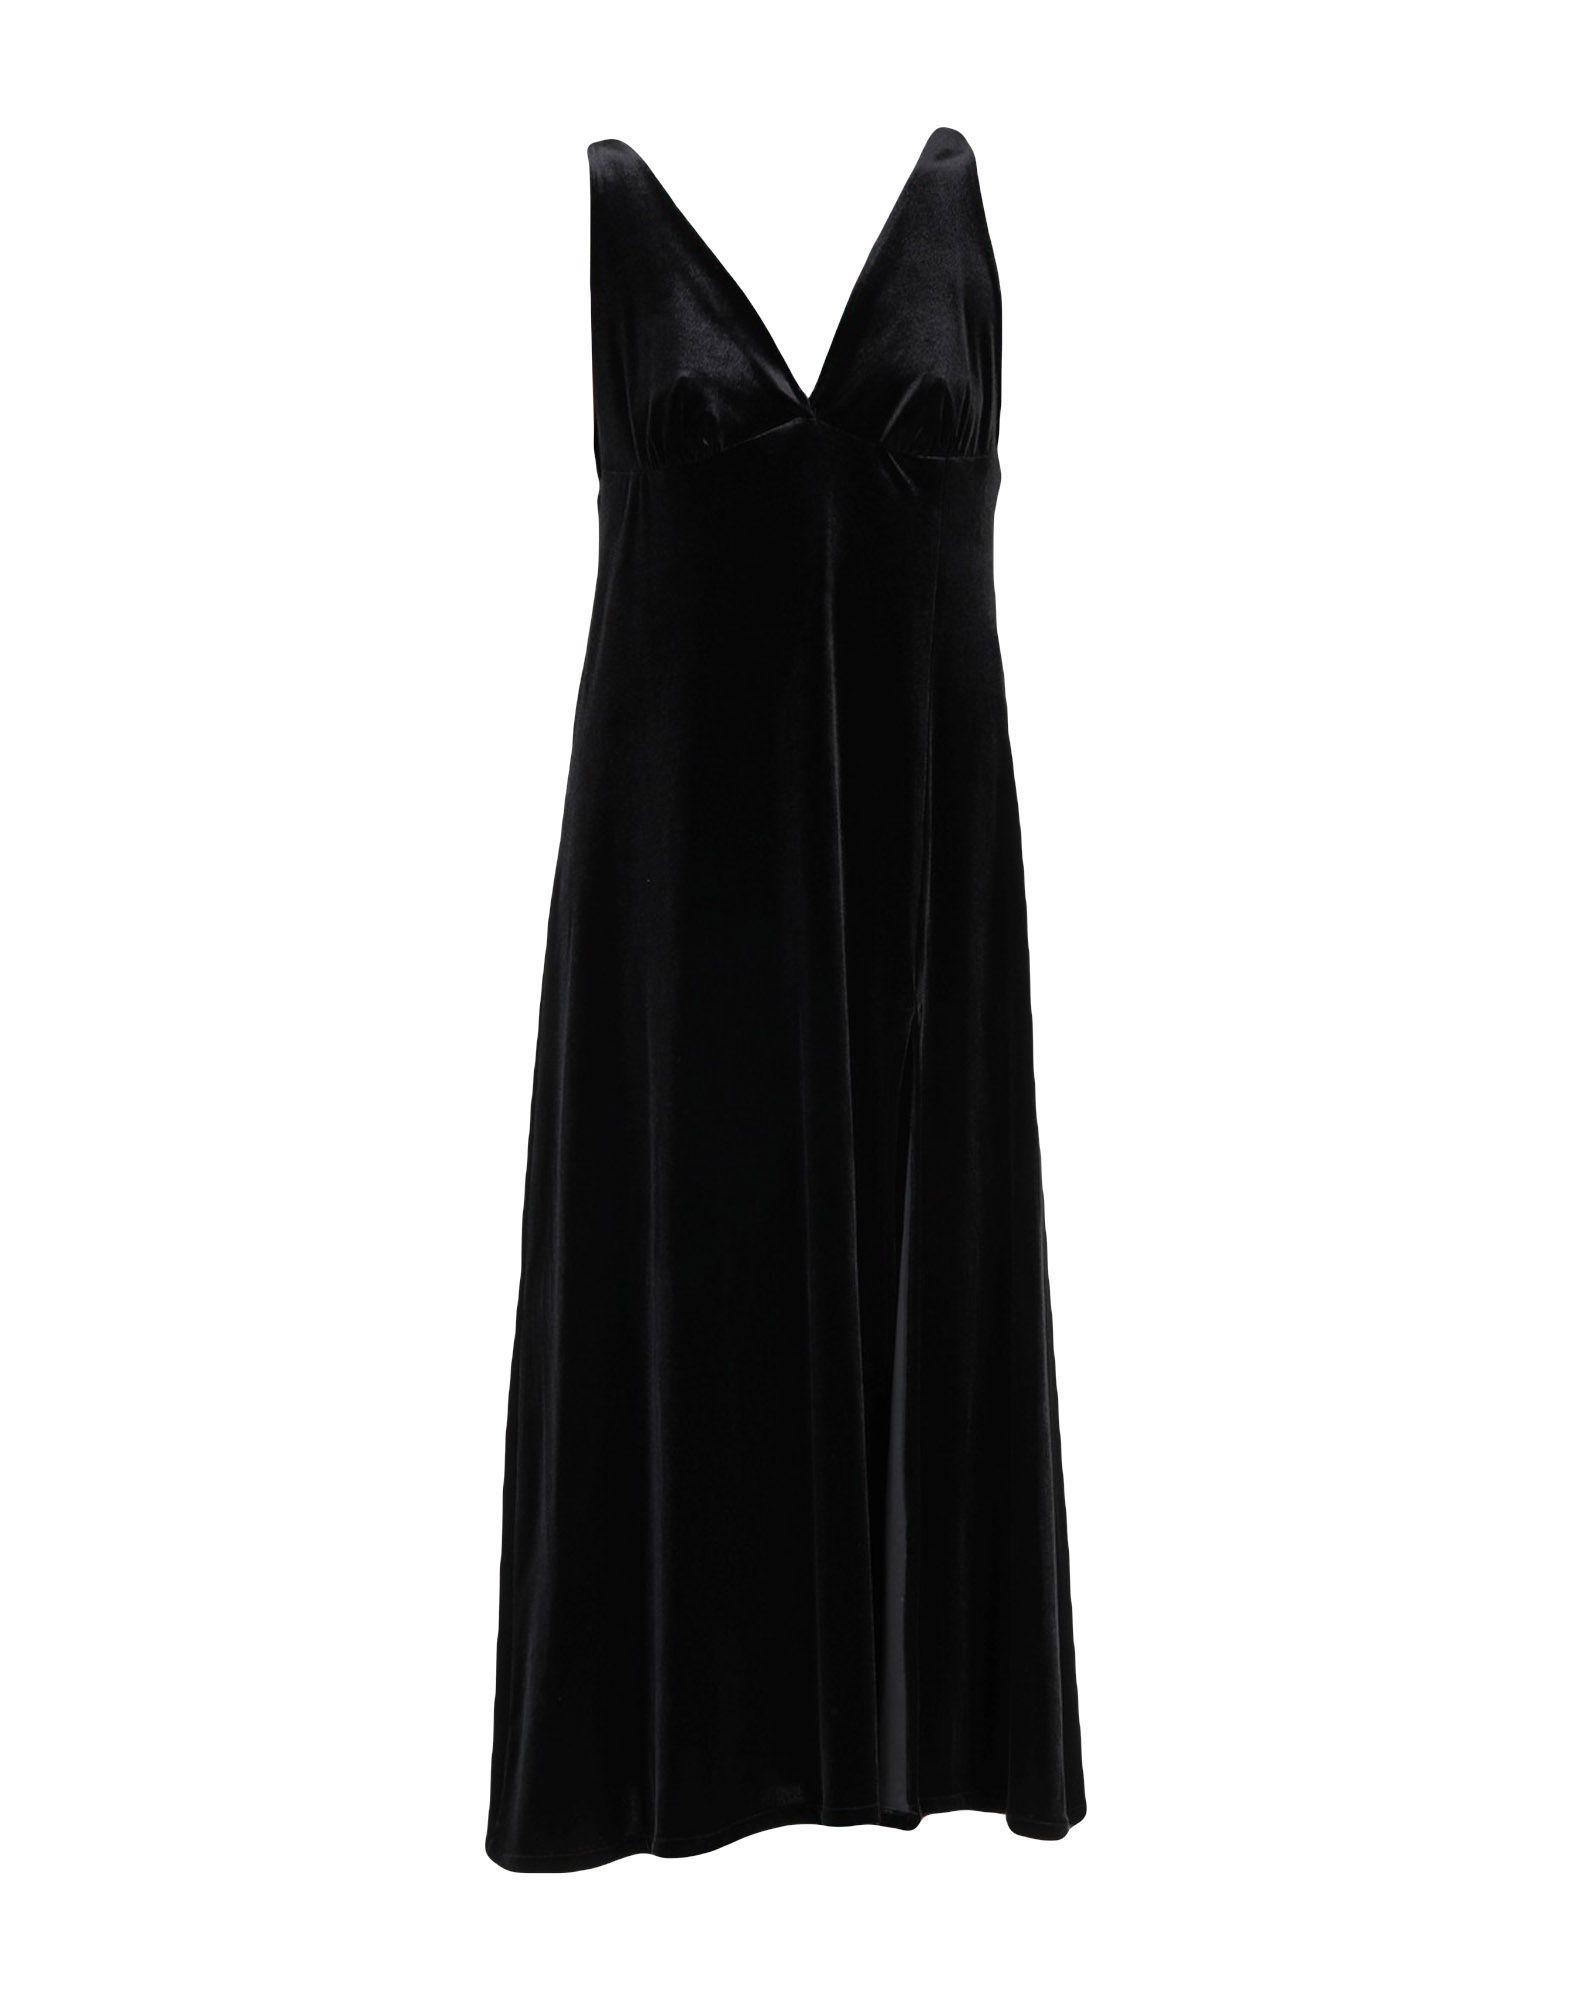 T.D.D. TEN-DAY DELIVERY Платье длиной 3/4